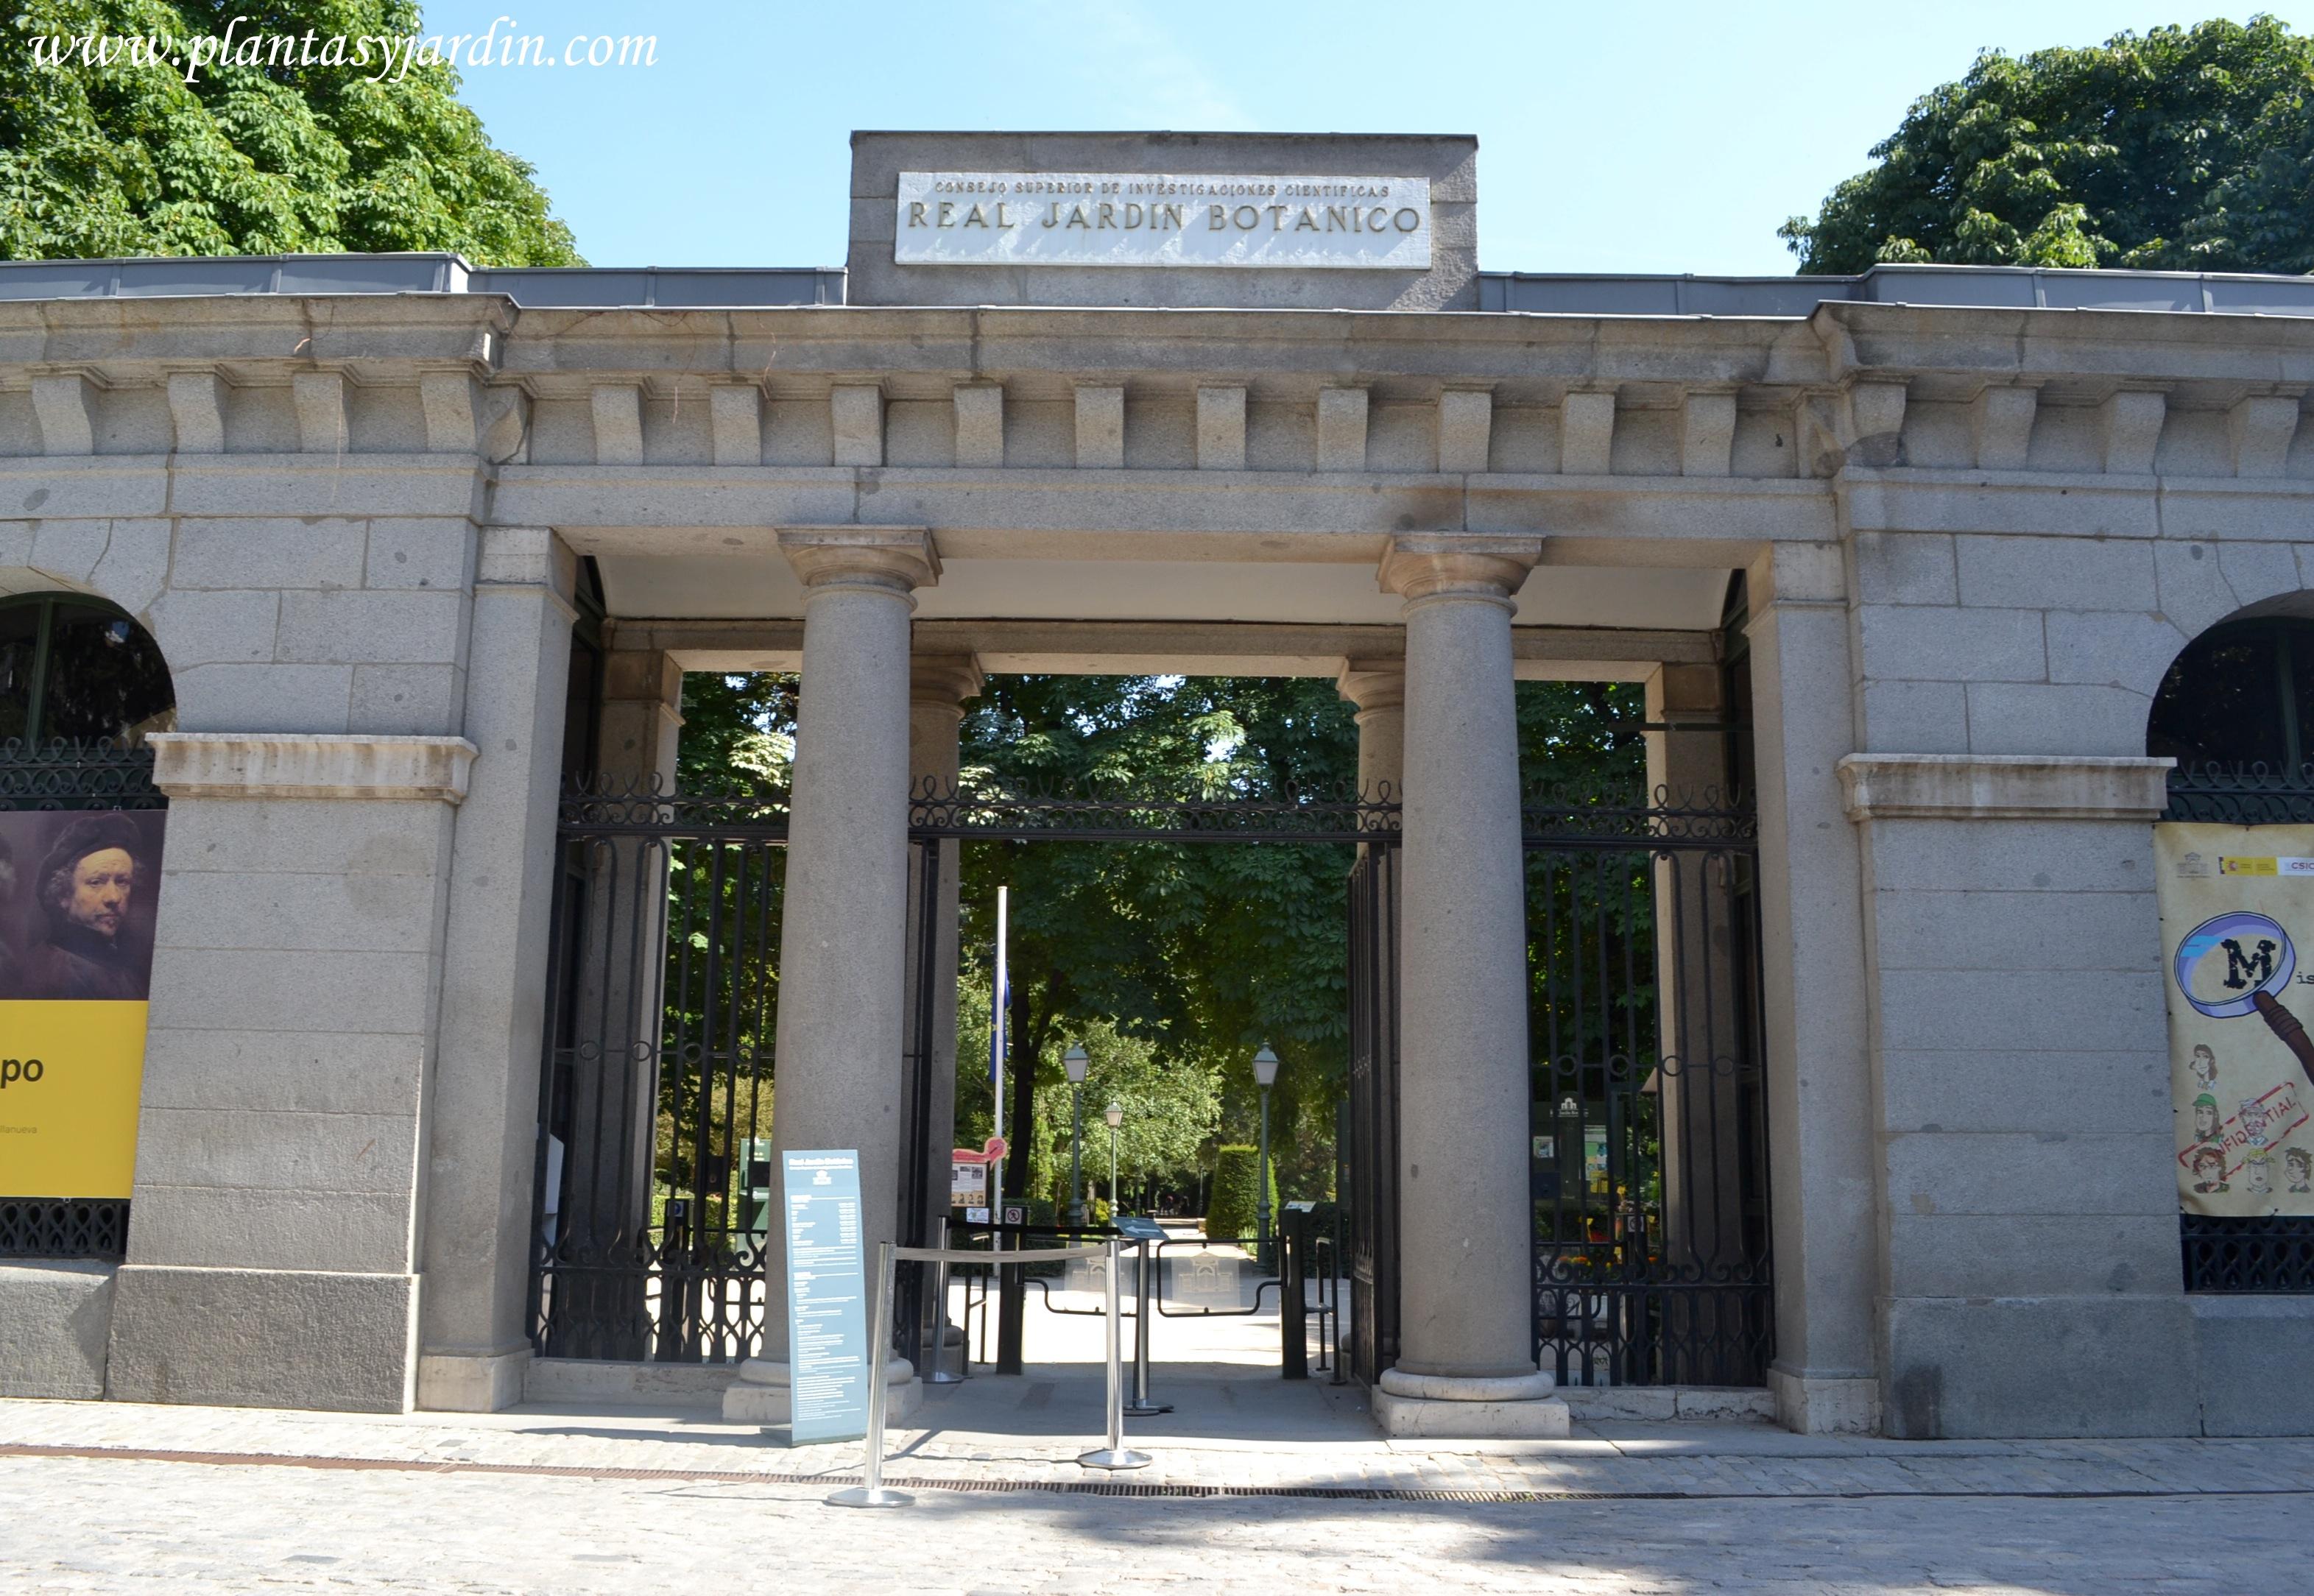 Acceso principal al Real Jardín Botánico de Madrid.